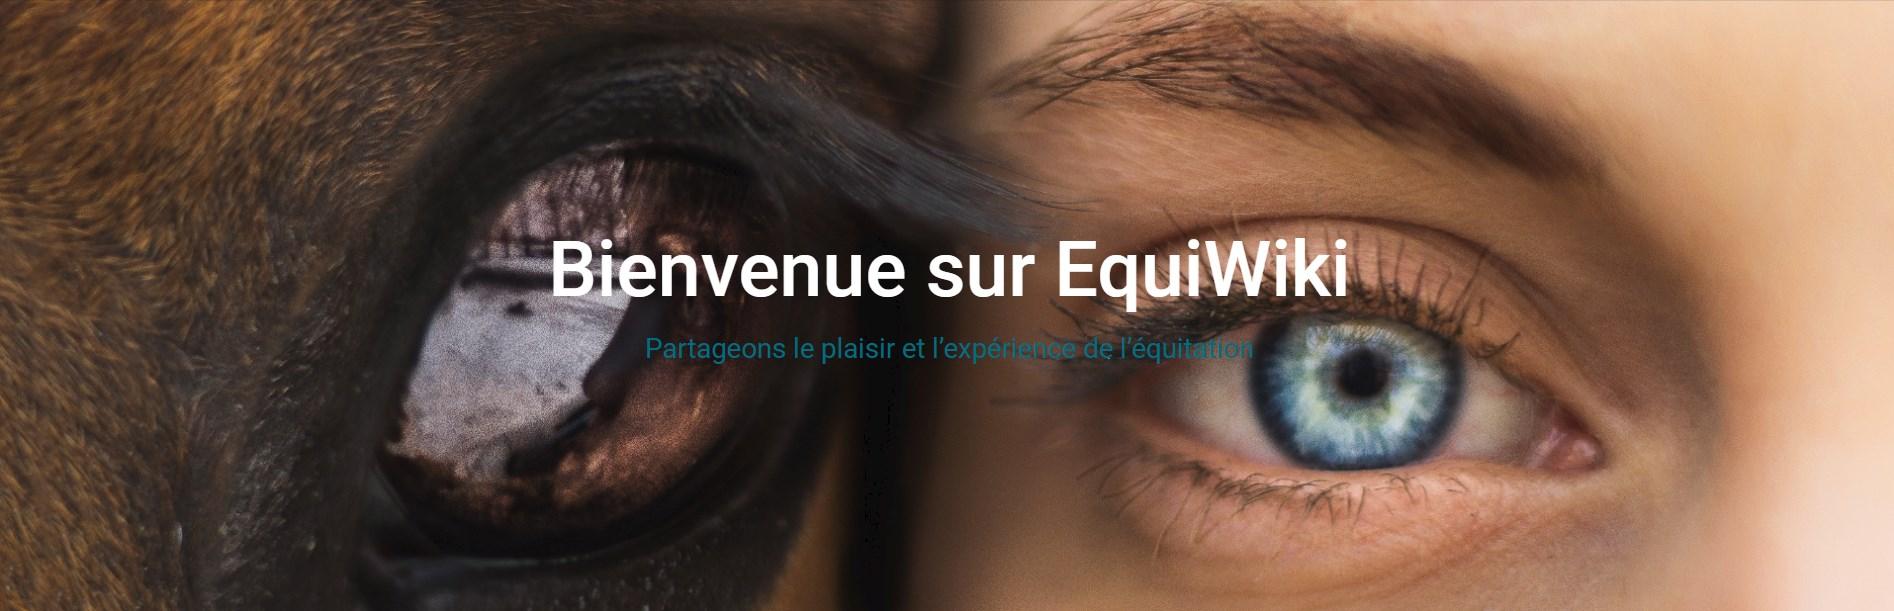 example bannière Equiwiki - Partage équitation (2020-04-22) - identité de marque créée par DailyBooster